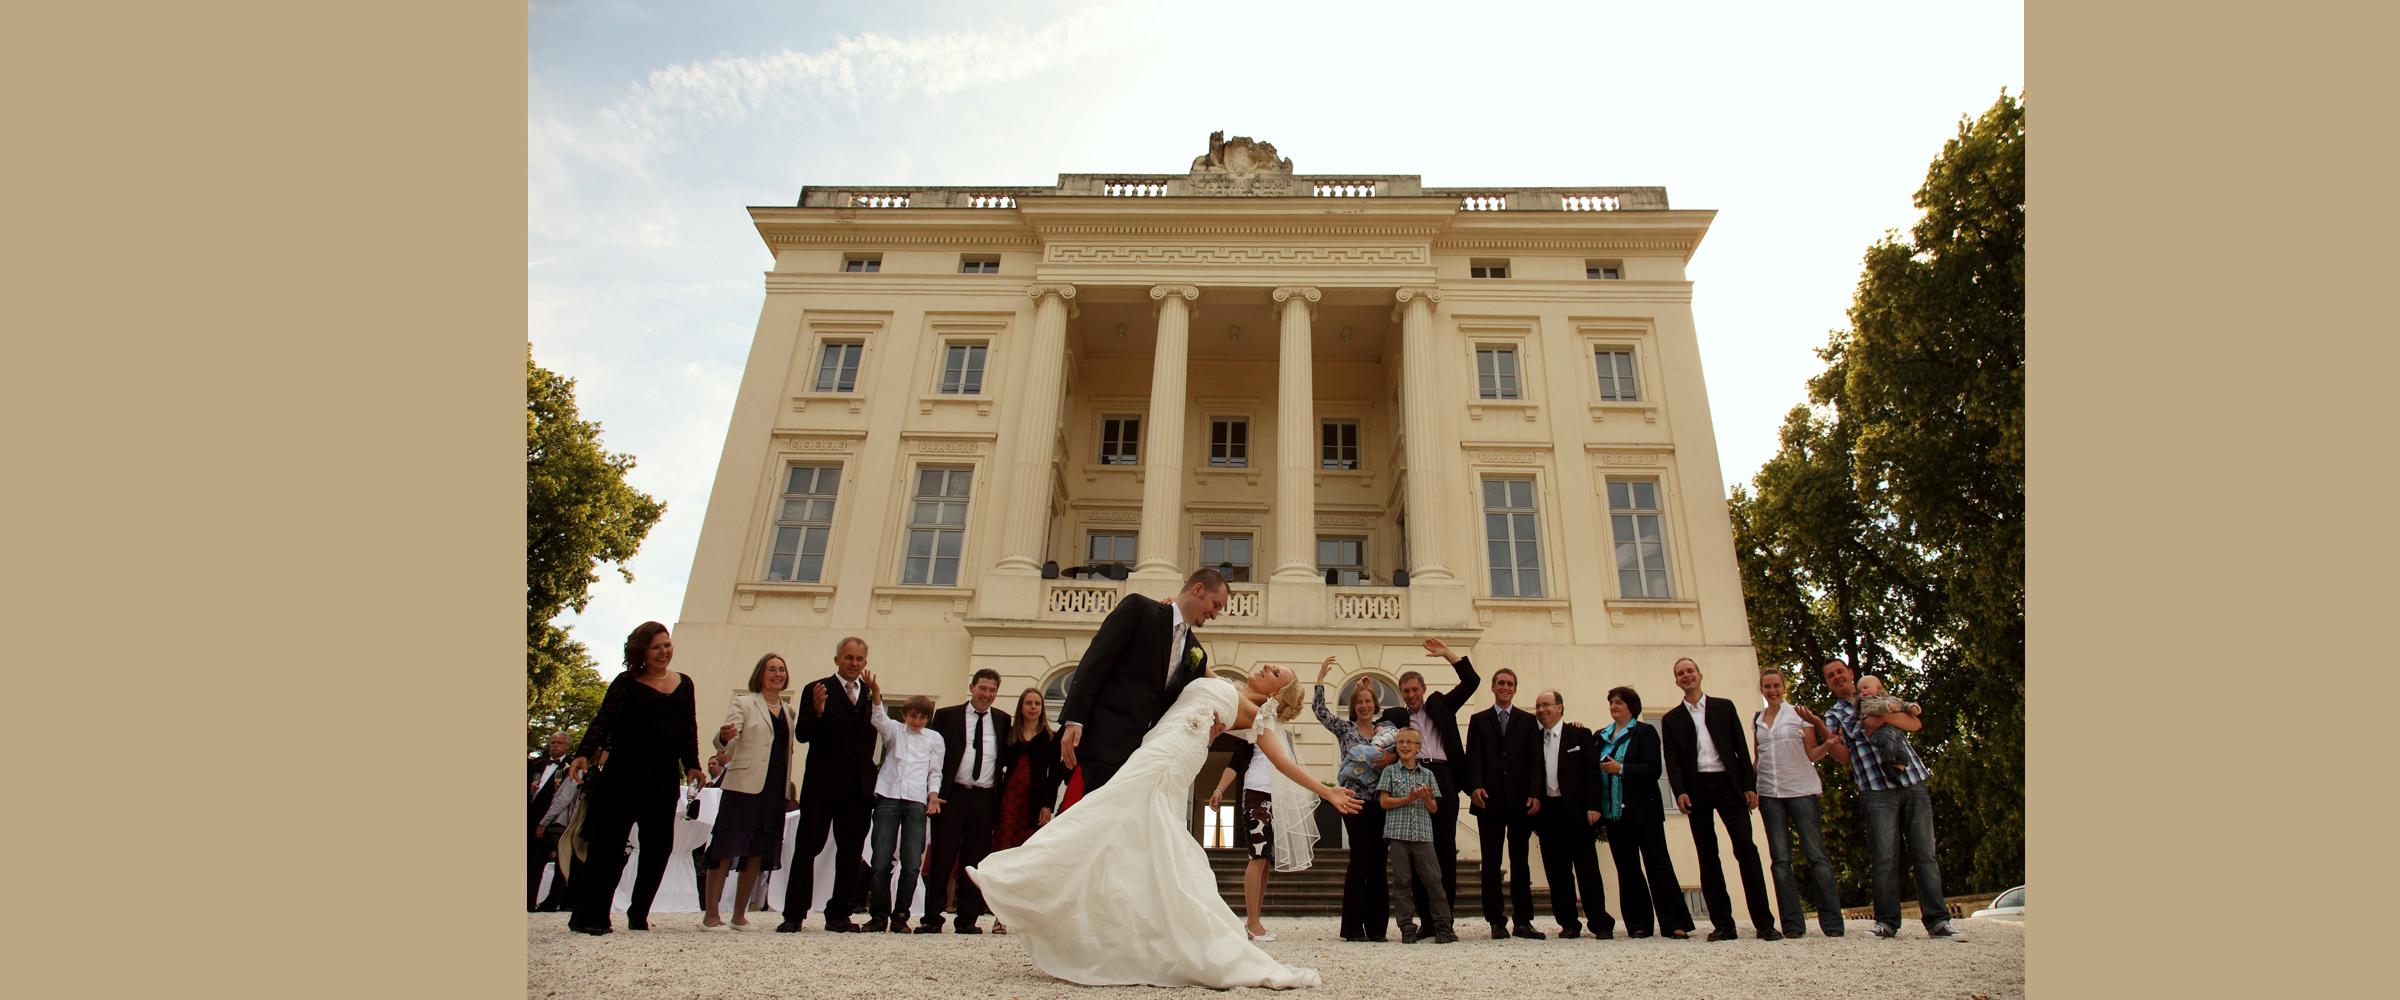 Hochzeitsportrait eines Mannes im dunklen Anzug, der eine Frau im weißen Brautkleid seitlich im Arm hält (Brautpaar), während im Hintergrund eine größere Menschenmenge freundlich winkt und vor einem hohen Gebäude Schloss Monaise Trier) posiert.